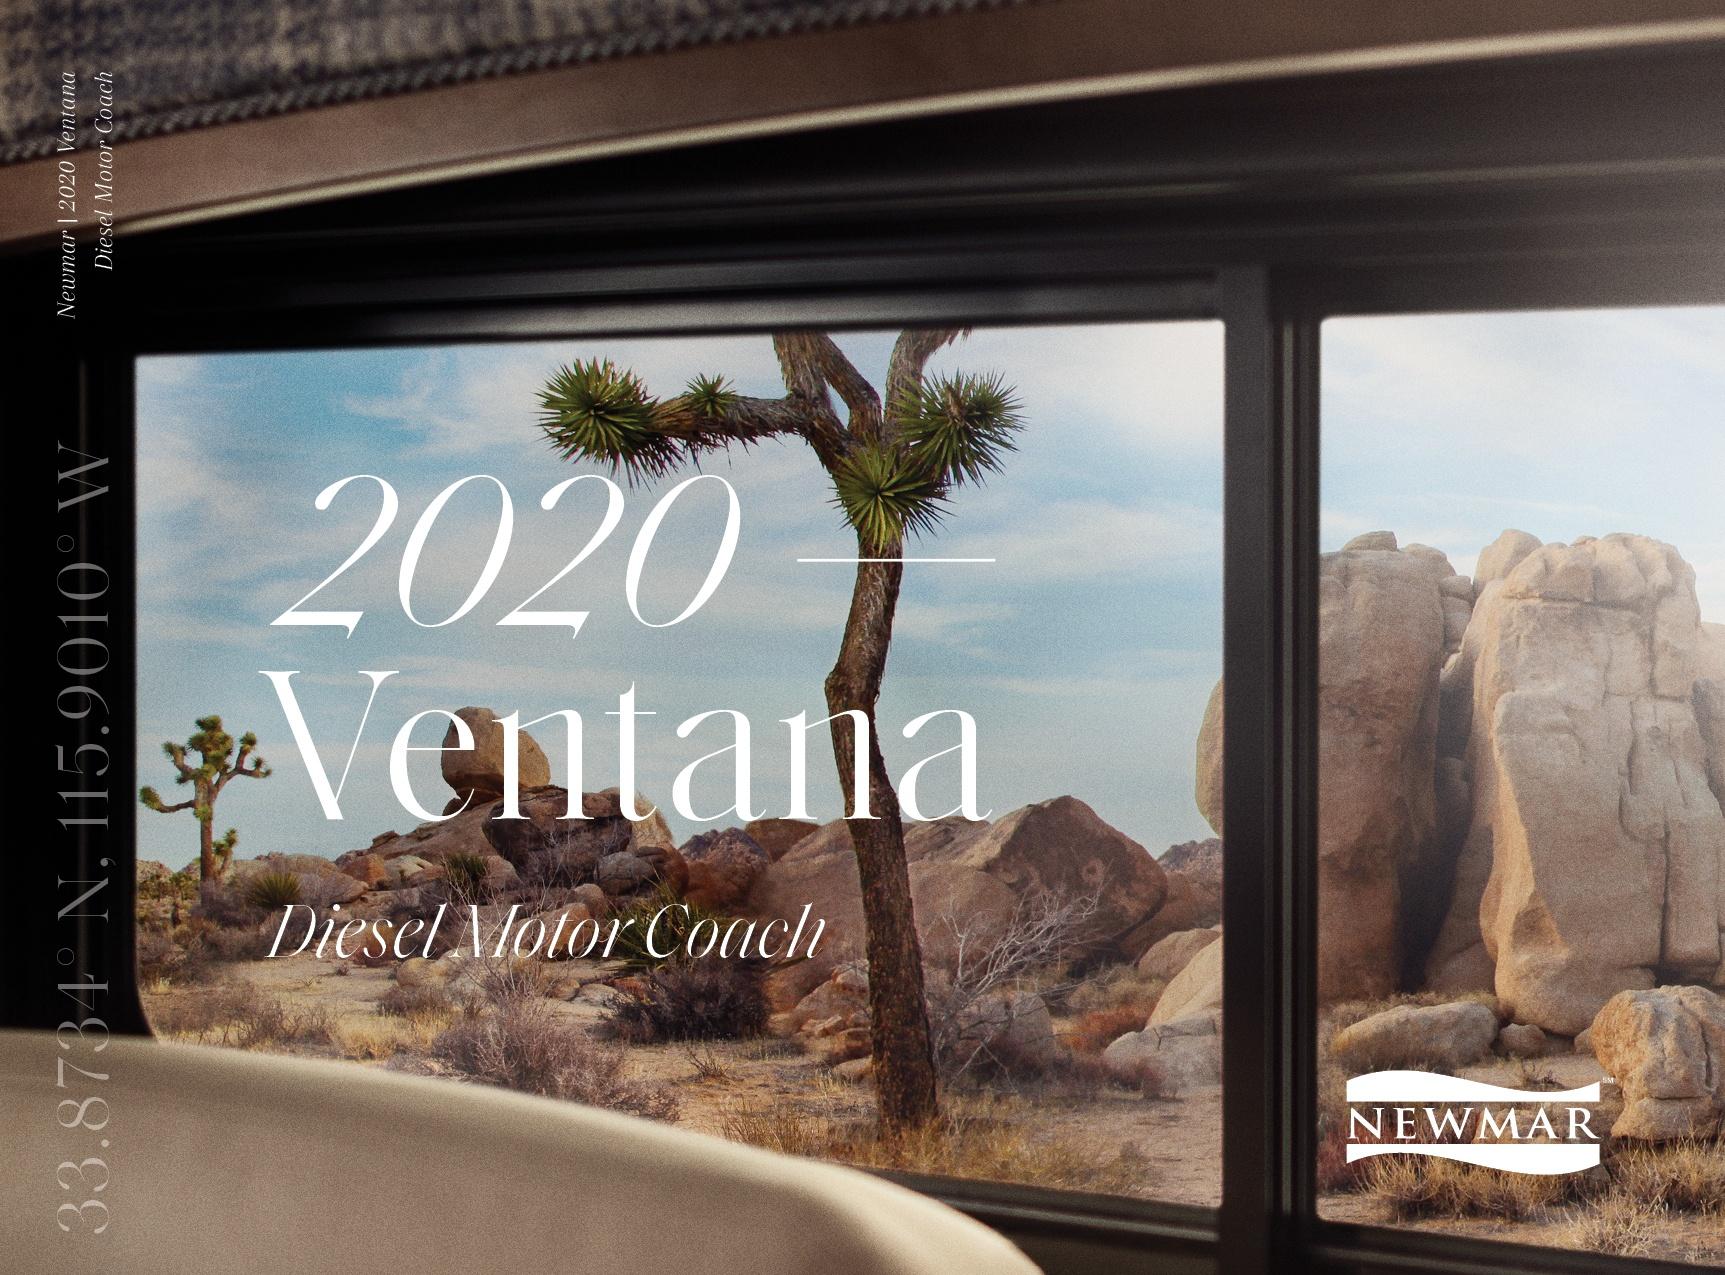 2020 Ventana